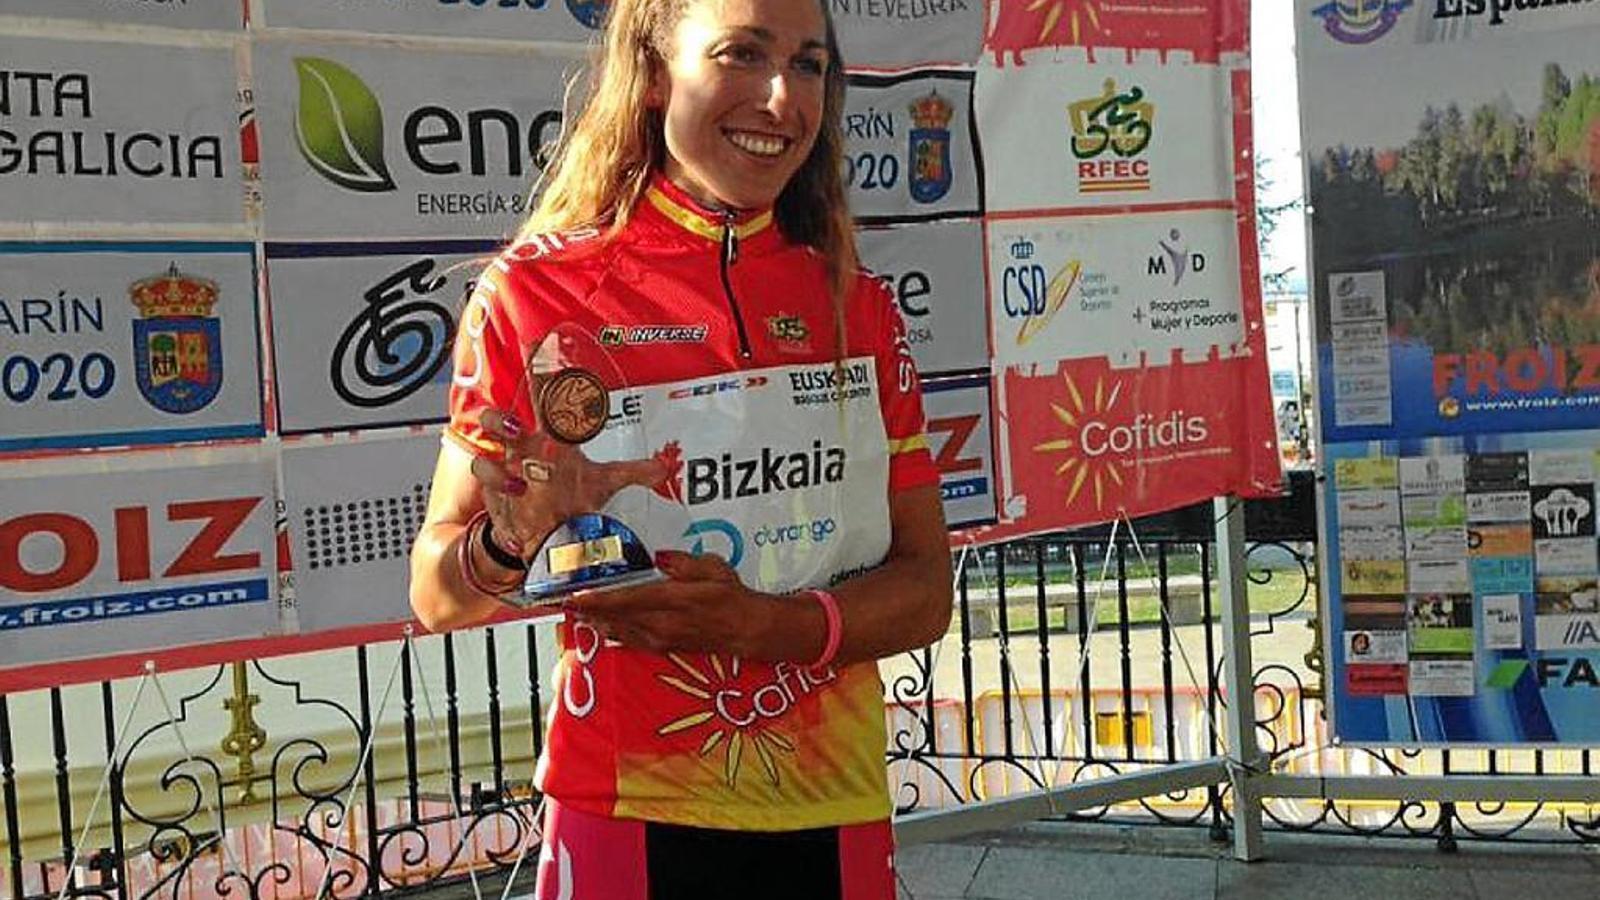 La ciclista balear Mavi García és Campiona d'Espanya elit de contrarellotge